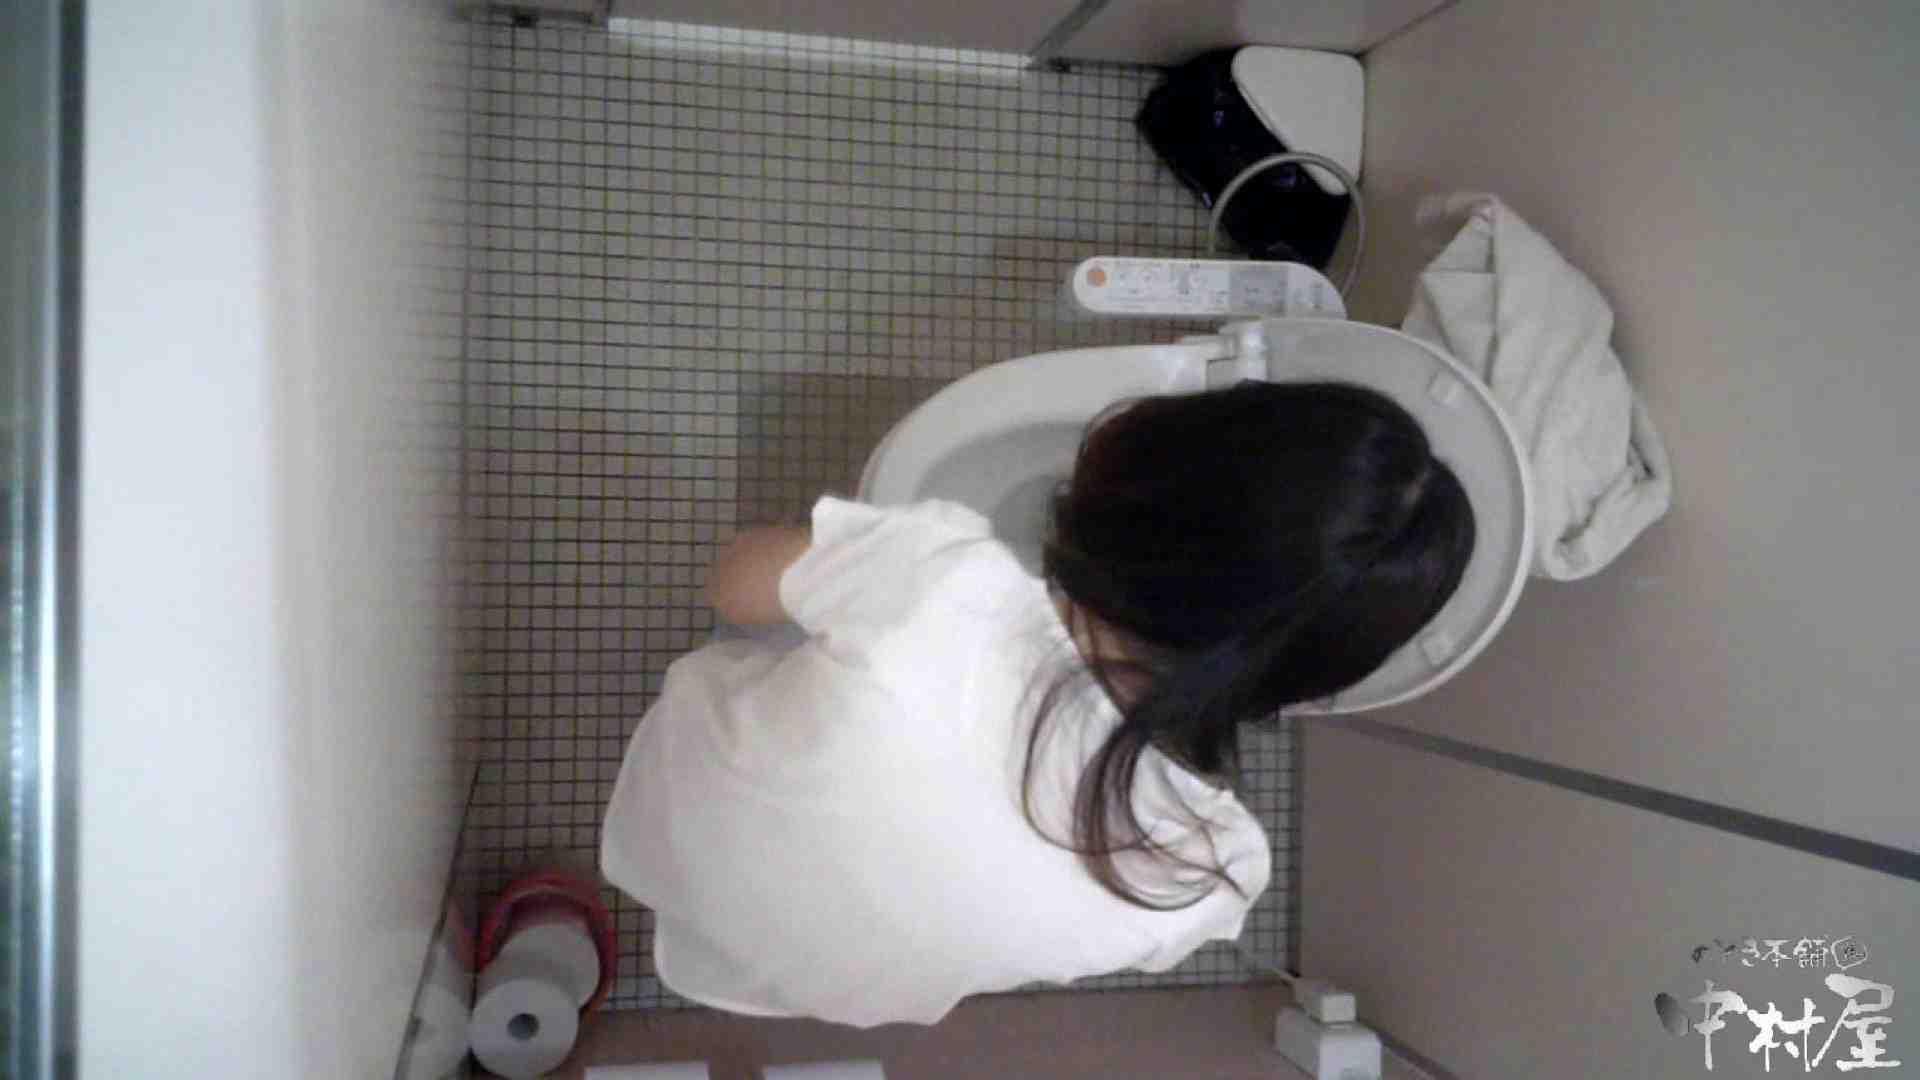 【某有名大学女性洗面所】有名大学女性洗面所 vol.43 いつみても神秘的な世界です。 和式 | 投稿  87pic 37